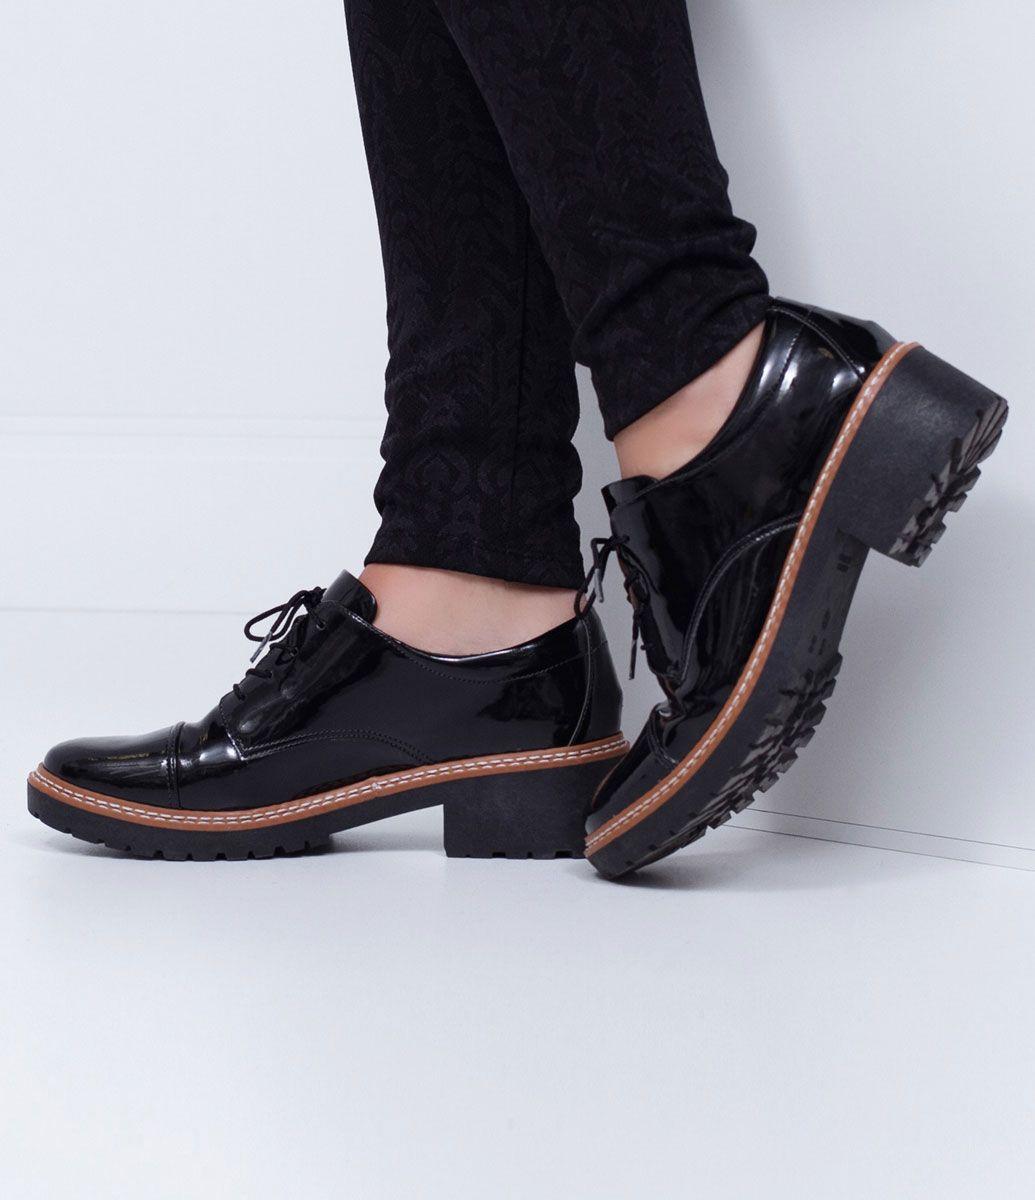 561a1b467 Sapato Feminino Modelo: Oxford Em verniz Sola tratorada de 4cm Marca:  Satinato…